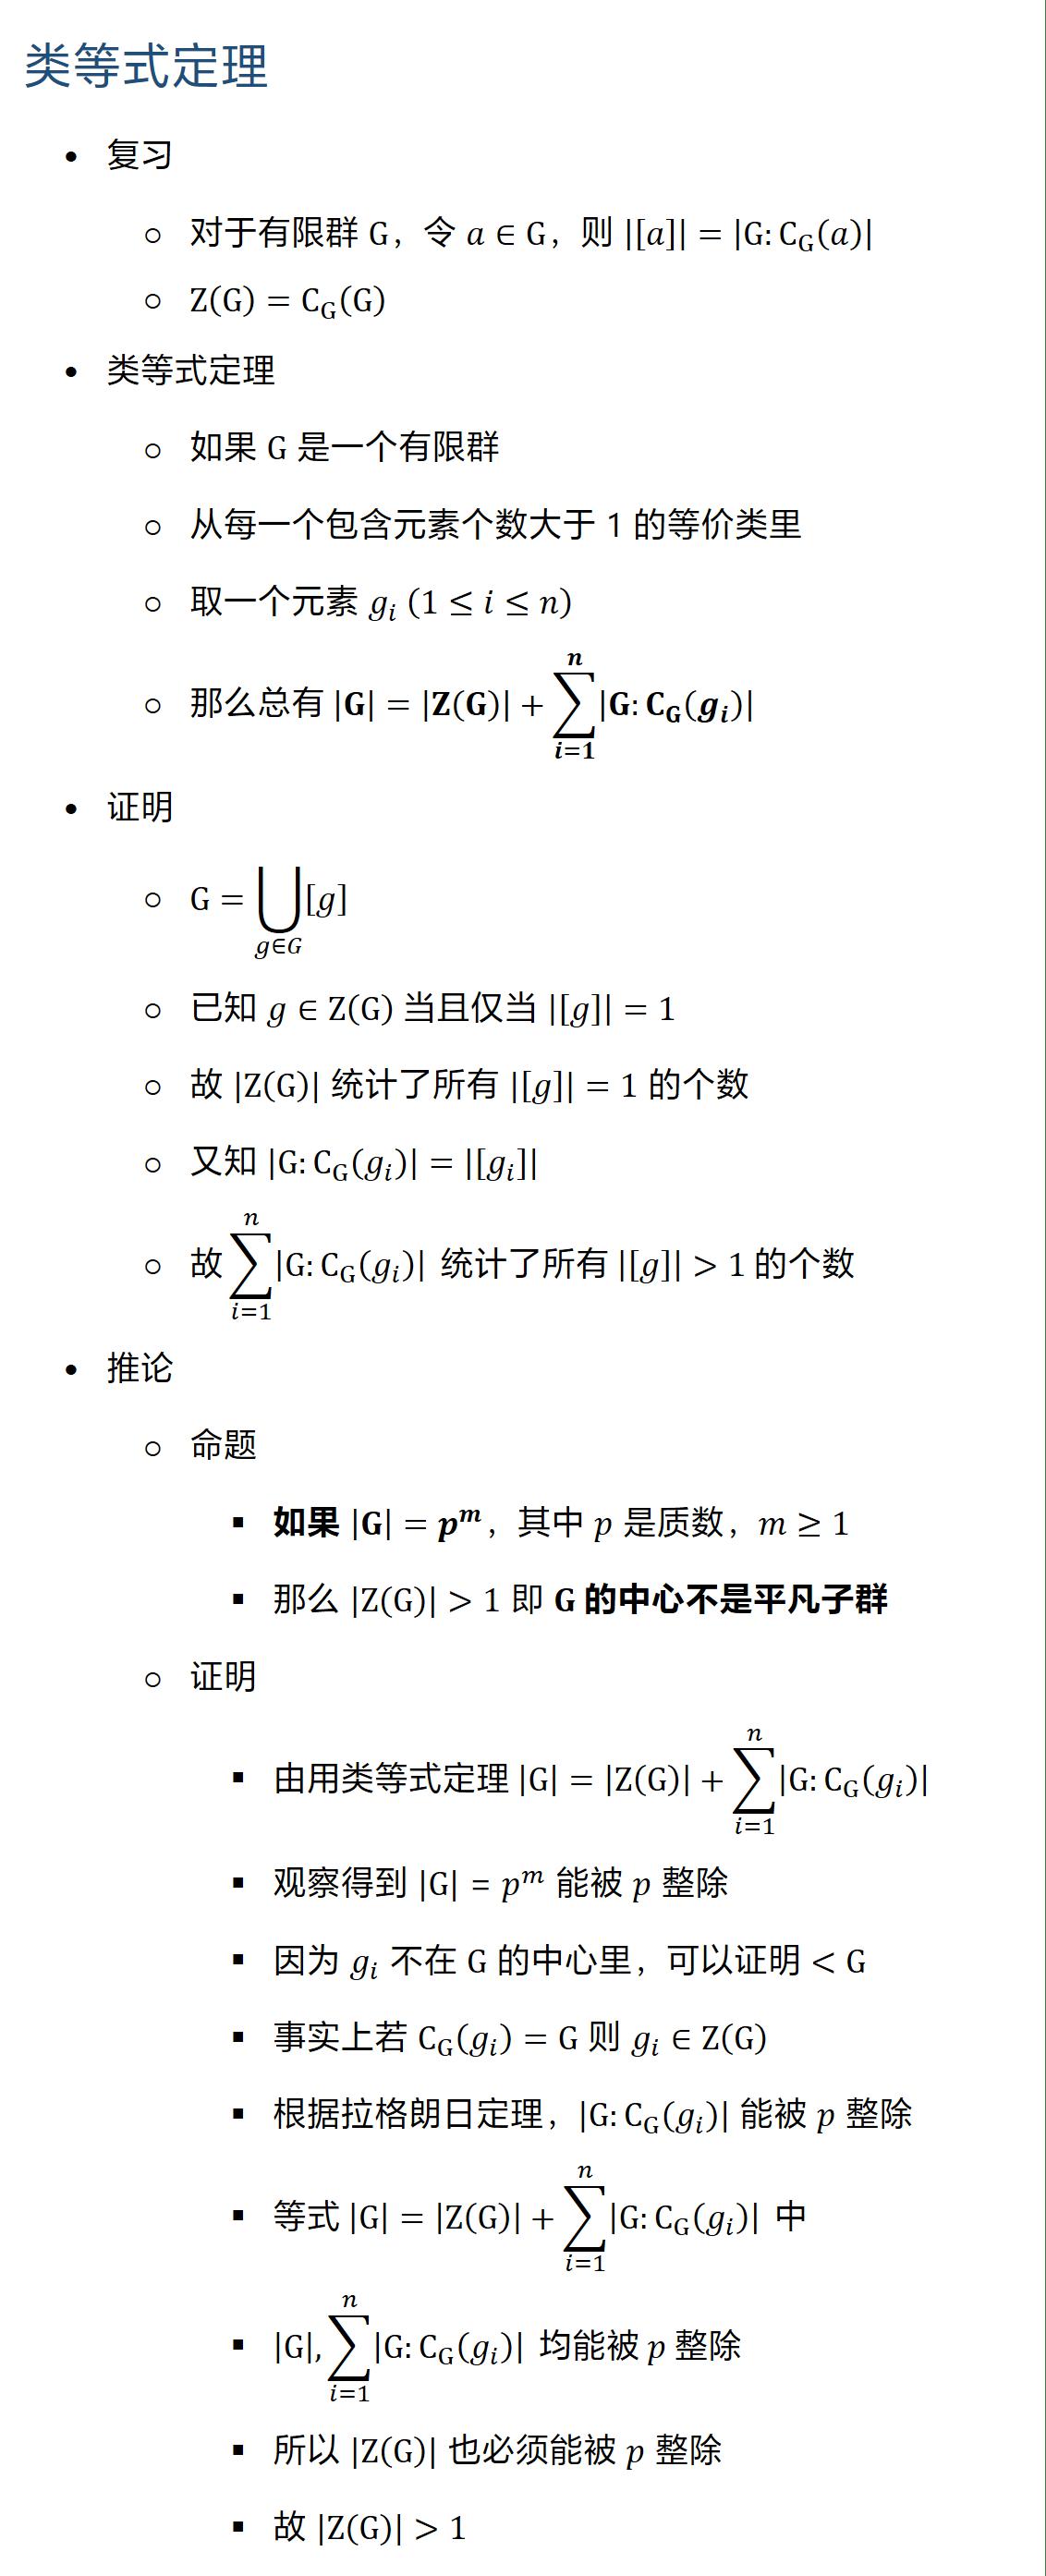 类等式定理 • 复习 ○ 对于有限群 G,令 a∈G,则 |[a]|=|G:C_G (a)| ○ Z(G)=C_G (G) • 类等式定理 ○ 如果 G 是一个有限群 ○ 从每一个包含元素个数大于 1 的等价类里 ○ 取一个元素 g_i (1≤i≤n) ○ 那么总有 |G|=|Z(G)|+∑_(i=1)^n▒|G:C_G (g_i )| • 证明 ○ G=⋃8_(g∈G)▒[g] ○ 已知 g∈Z(G) 当且仅当 |[g]|=1 ○ 故 |Z(G)| 统计了所有 |[g]|=1 的个数 ○ 又知 |G:C_G (g_i )|=|[g_i ]| ○ 故∑_(i=1)^n▒|G:C_G (g_i )| 统计了所有 |[g]|1 的个数 • 推论 ○ 命题 § 如果 |G|=p^m,其中 p 是质数,m≥1 § 那么 |Z(G)|1 即 G 的中心不是平凡子群 ○ 证明 § 由用类等式定理 |G|=|Z(G)|+∑_(i=1)^n▒|G:C_G (g_i )| § 观察得到 |G|=p^m 能被 p 整除 § 因为 g_i 不在 G 的中心里,可以证明 G § 事实上若 C_G (g_i )=G 则 g_i∈Z(G) § 根据拉格朗日定理,|G:C_G (g_i )| 能被 p 整除 § 等式 |G|=|Z(G)|+∑_(i=1)^n▒|G:C_G (g_i )| 中 § |G|, ∑_(i=1)^n▒|G:C_G (g_i )| 均能被 p 整除 § 所以 |Z(G)| 也必须能被 p 整除 § 故 |Z(G)|1